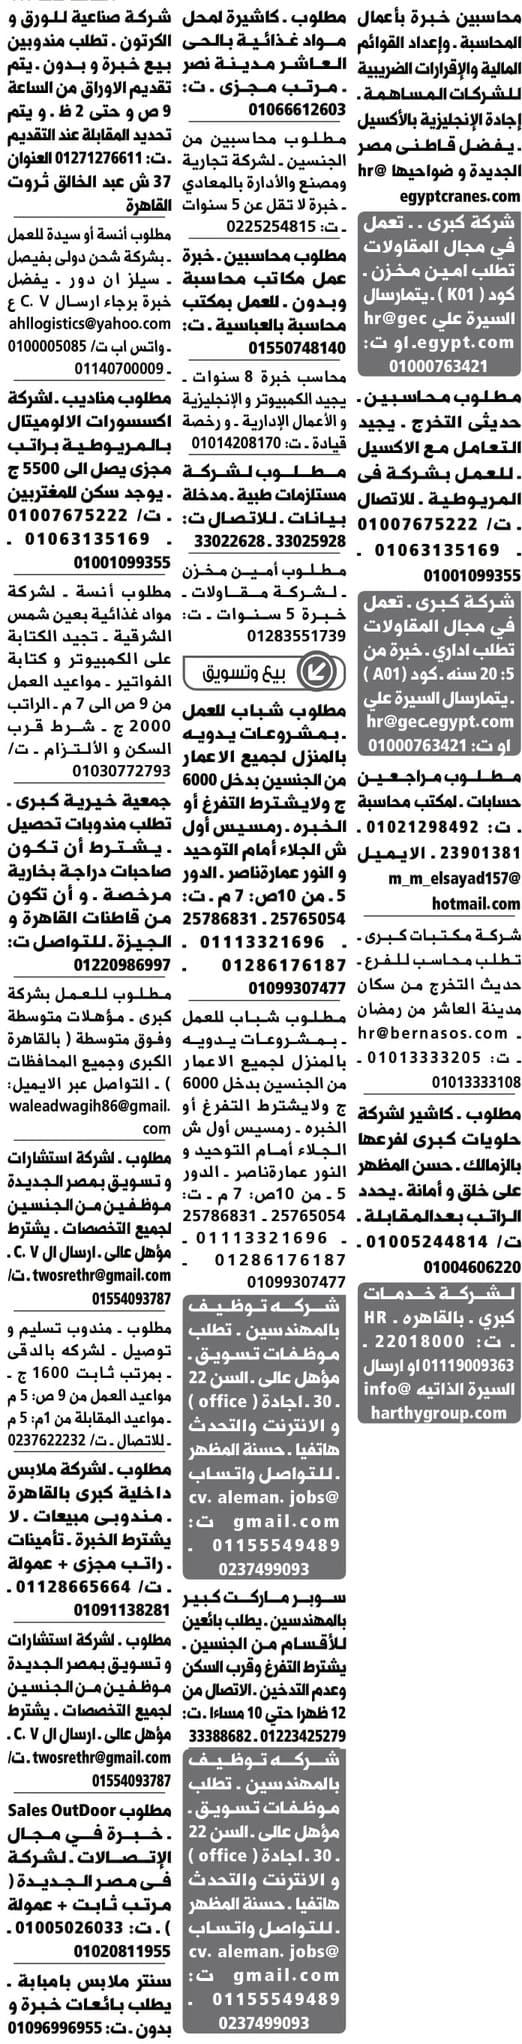 وظائف الوسيط اليوم القاهرة والجيزة الجمعة 10 ابريل وظائف خالية 10 4 2020 وظيفة كوم وظائف اليوم